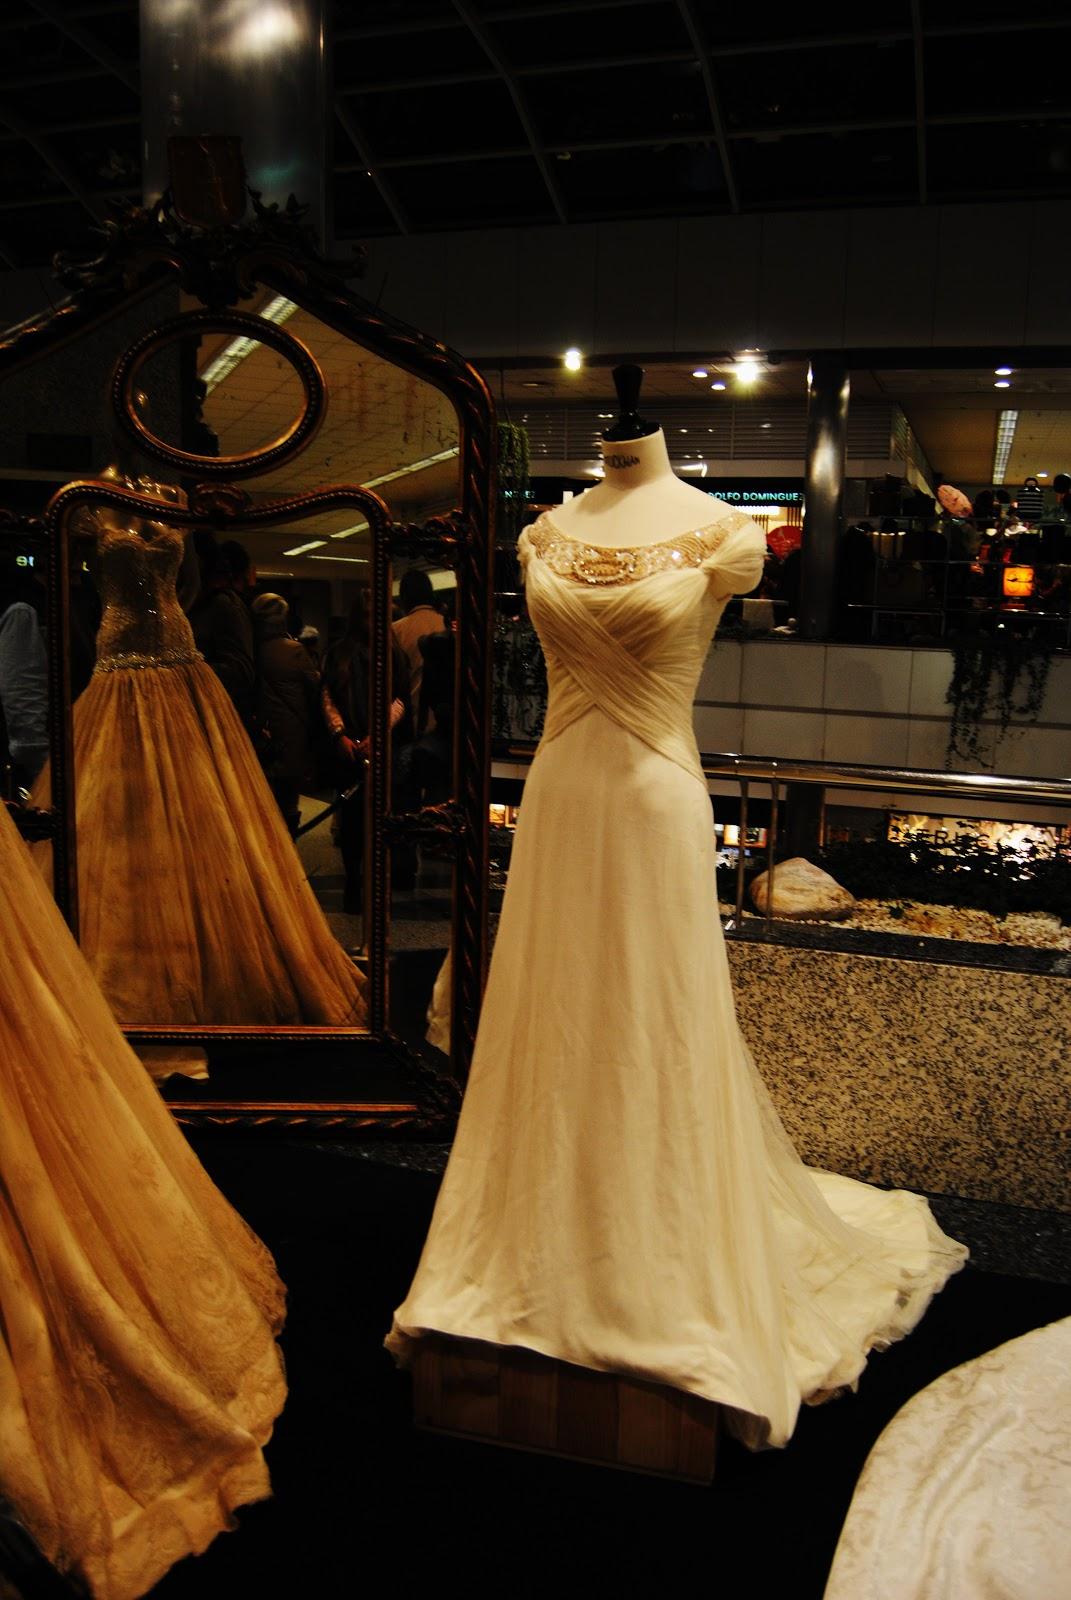 f466053eb La feria consistía en una exposición de vestidos de novia de Lorenzo  Caprile (que estaba por ahí) y numerosas tiendas vintage donde encontrar  cosas ...